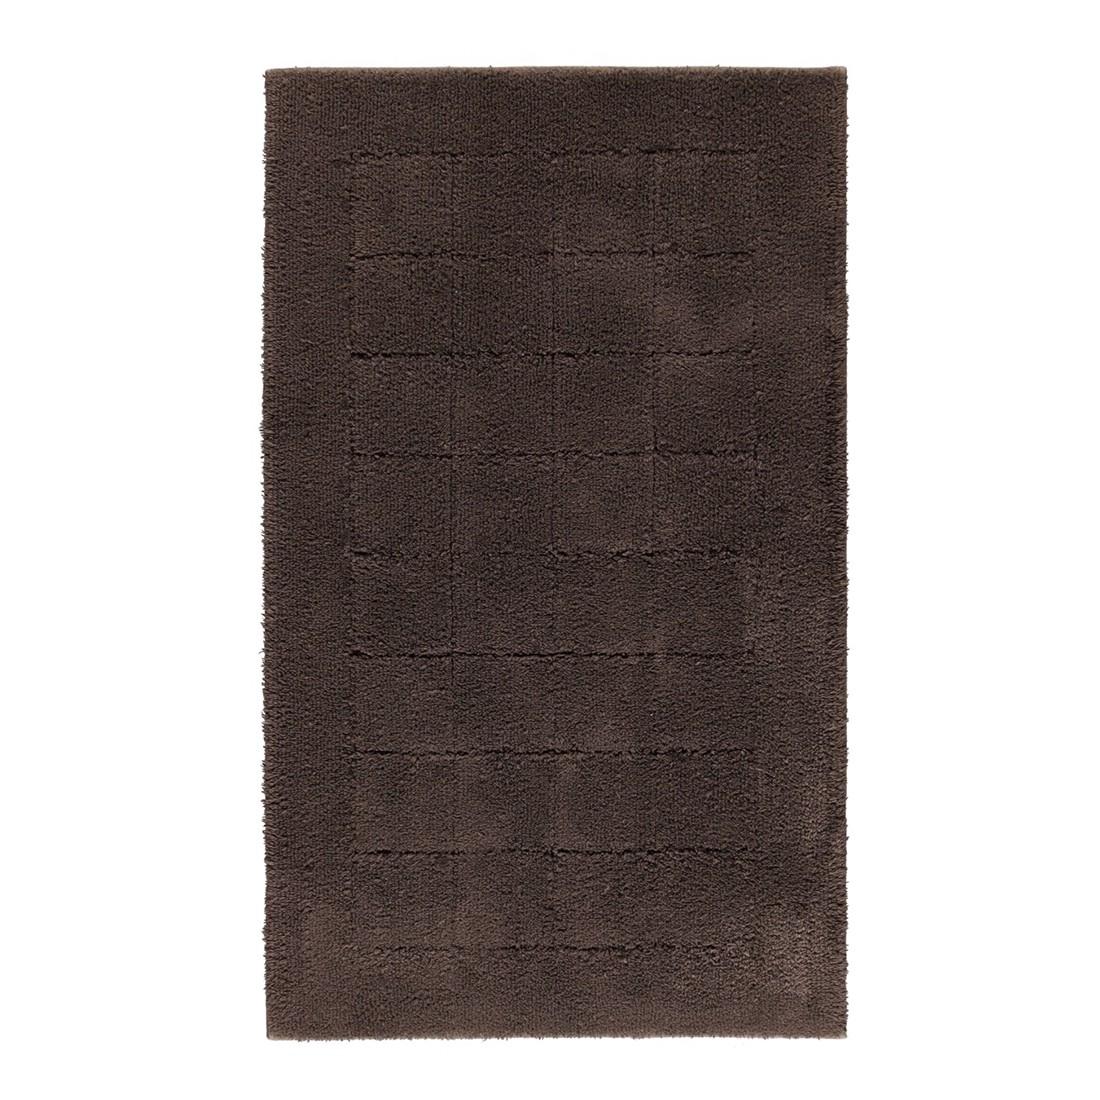 Badteppich Exclusive – 100% Baumwolle dark brown – 693 – Toilettenvorlage: 50 x 55 cm, Vossen kaufen